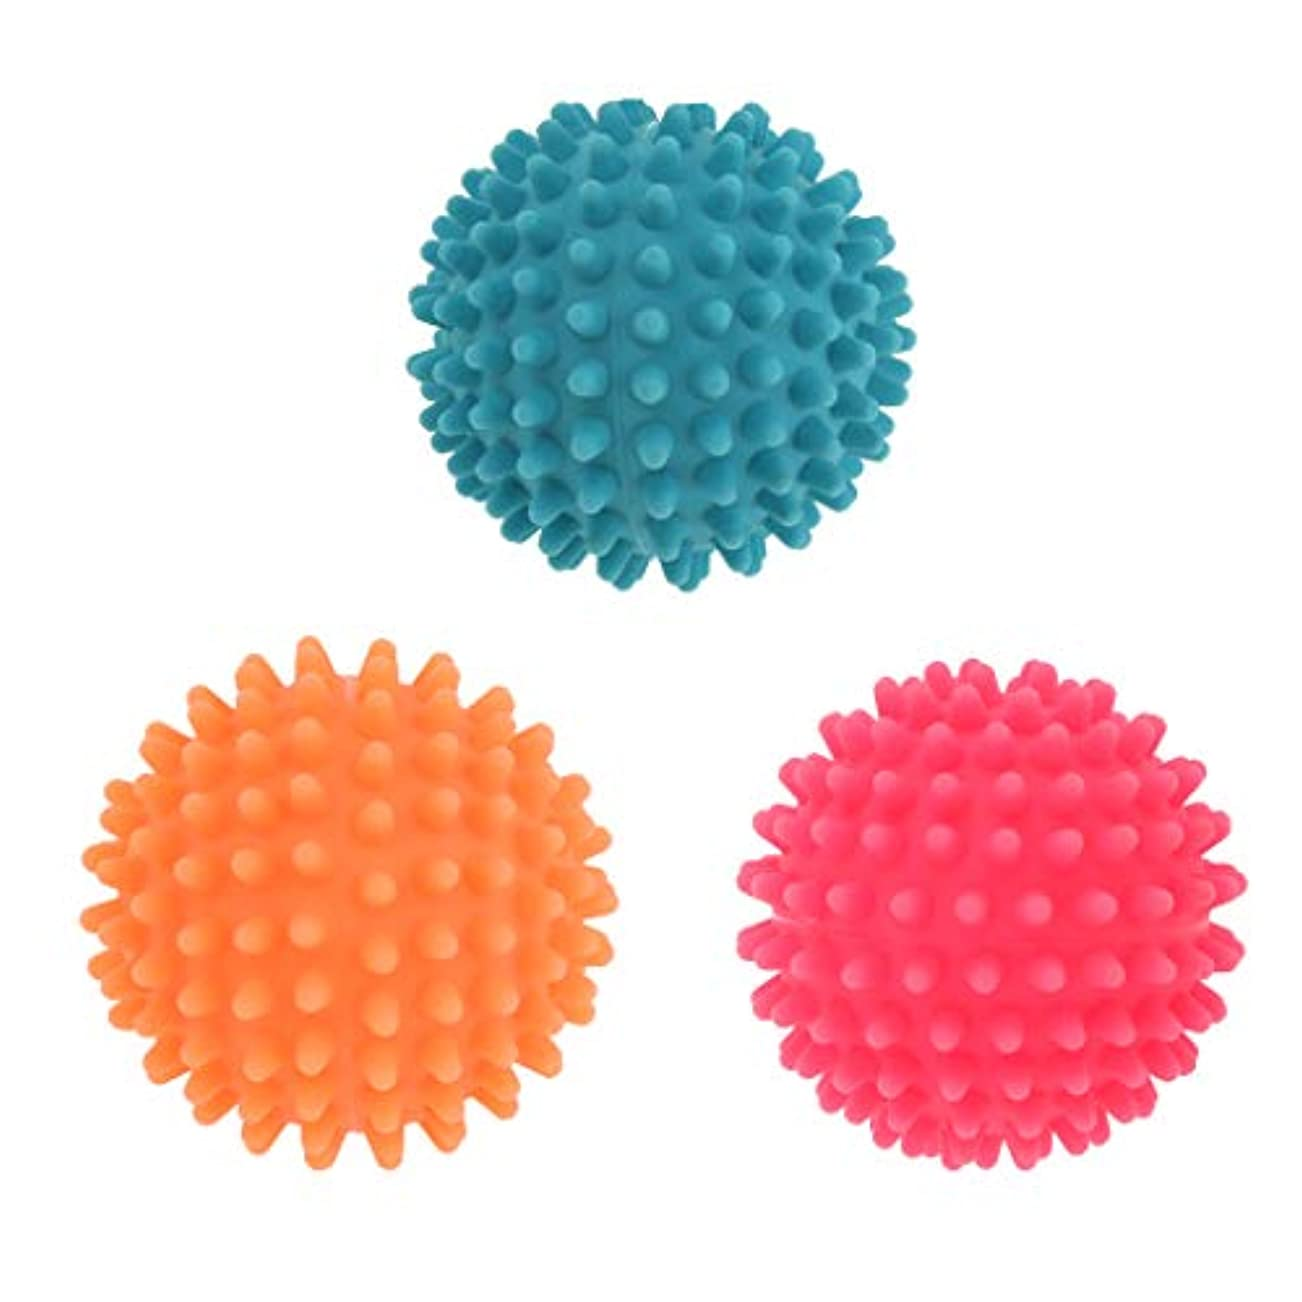 量で純粋なマーティンルーサーキングジュニアトリガーポイント マッサージボール 3個 ツボ押しグッズ